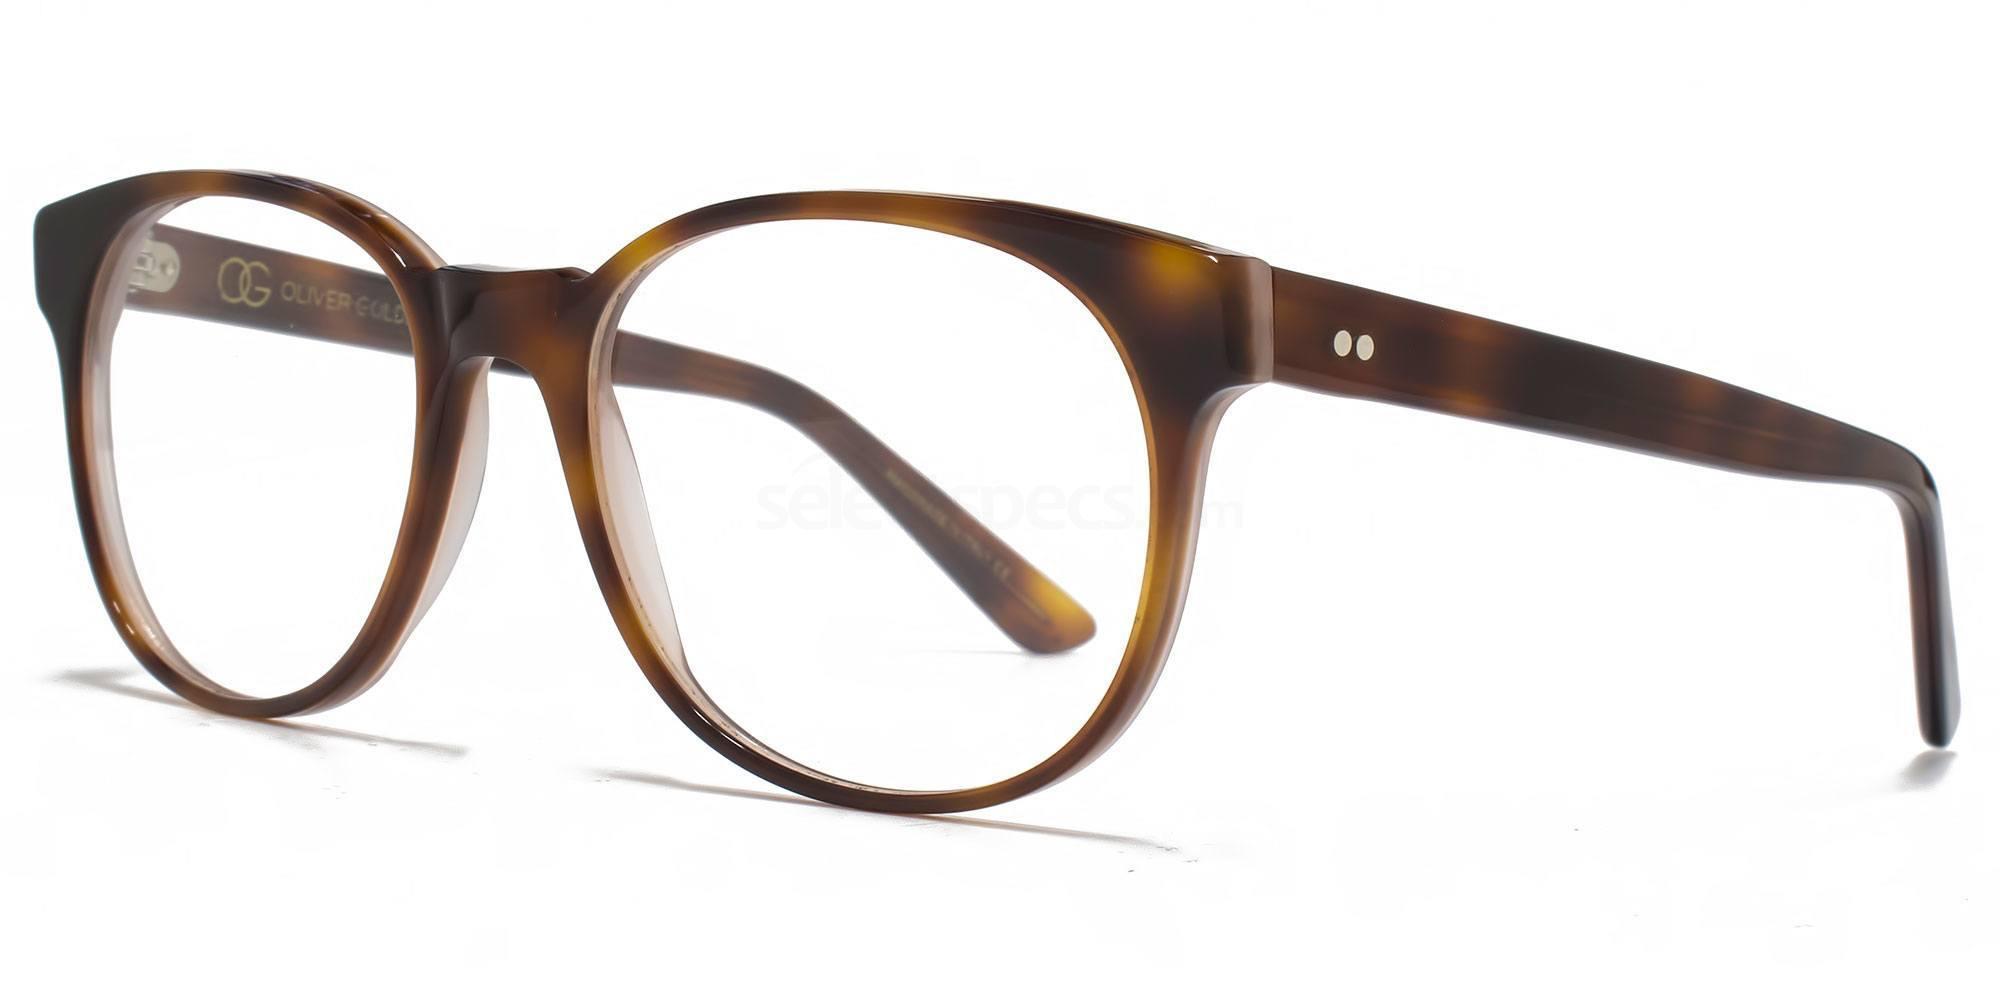 01 OLI013 - AJAX Glasses, Oliver Goldsmith